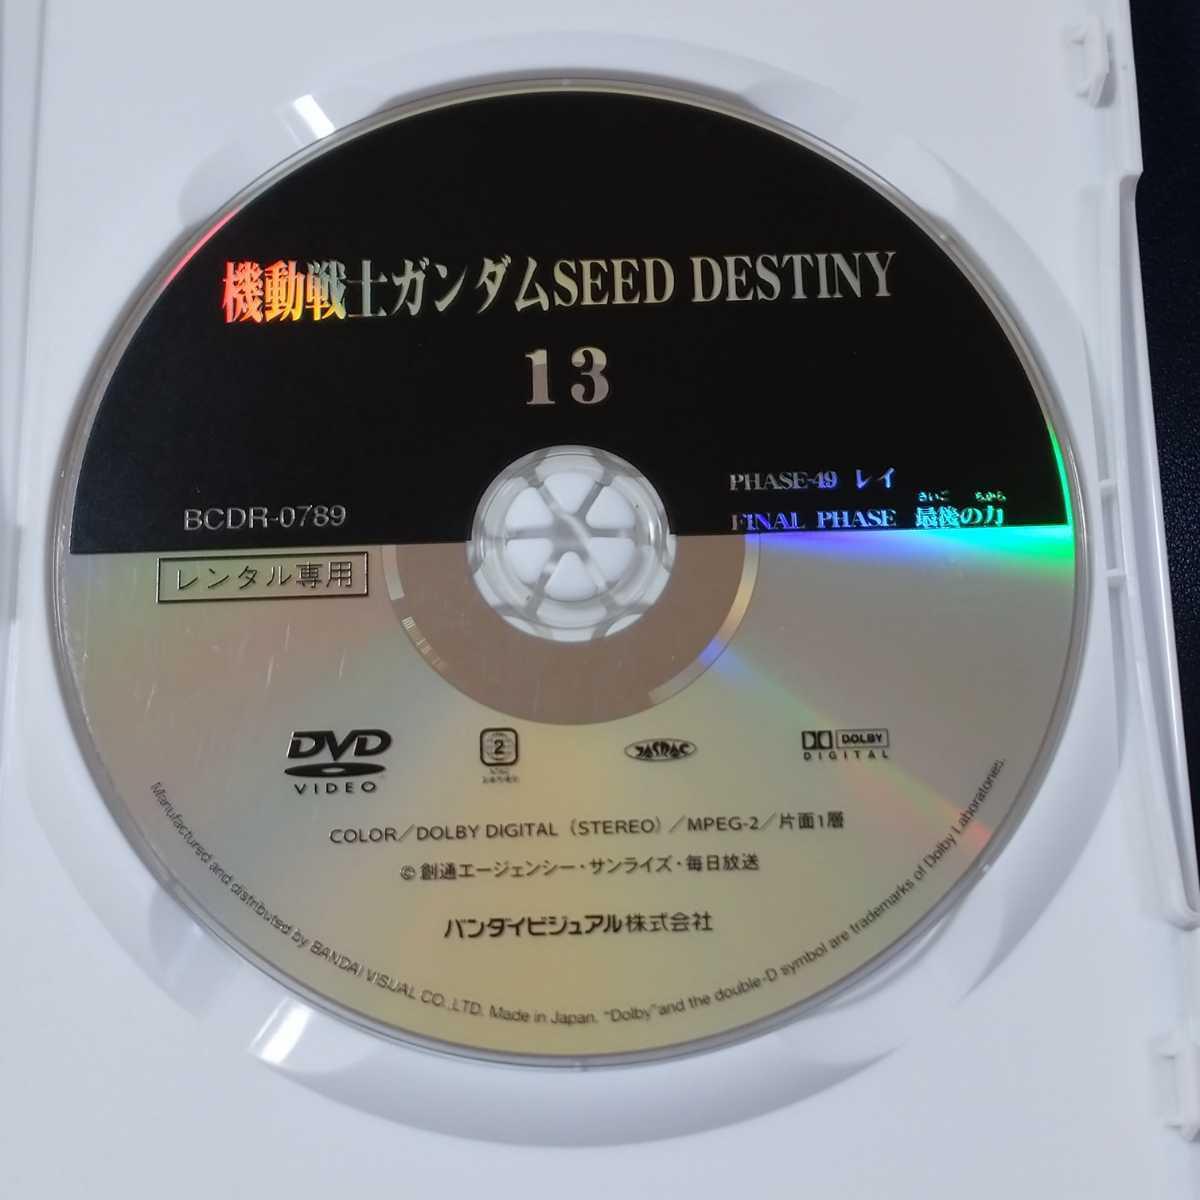 【DVD】 アニメ「機動戦士ガンダムシードデスティニー 12,13巻」 2枚セット レンタル落ち SEED DESTINY